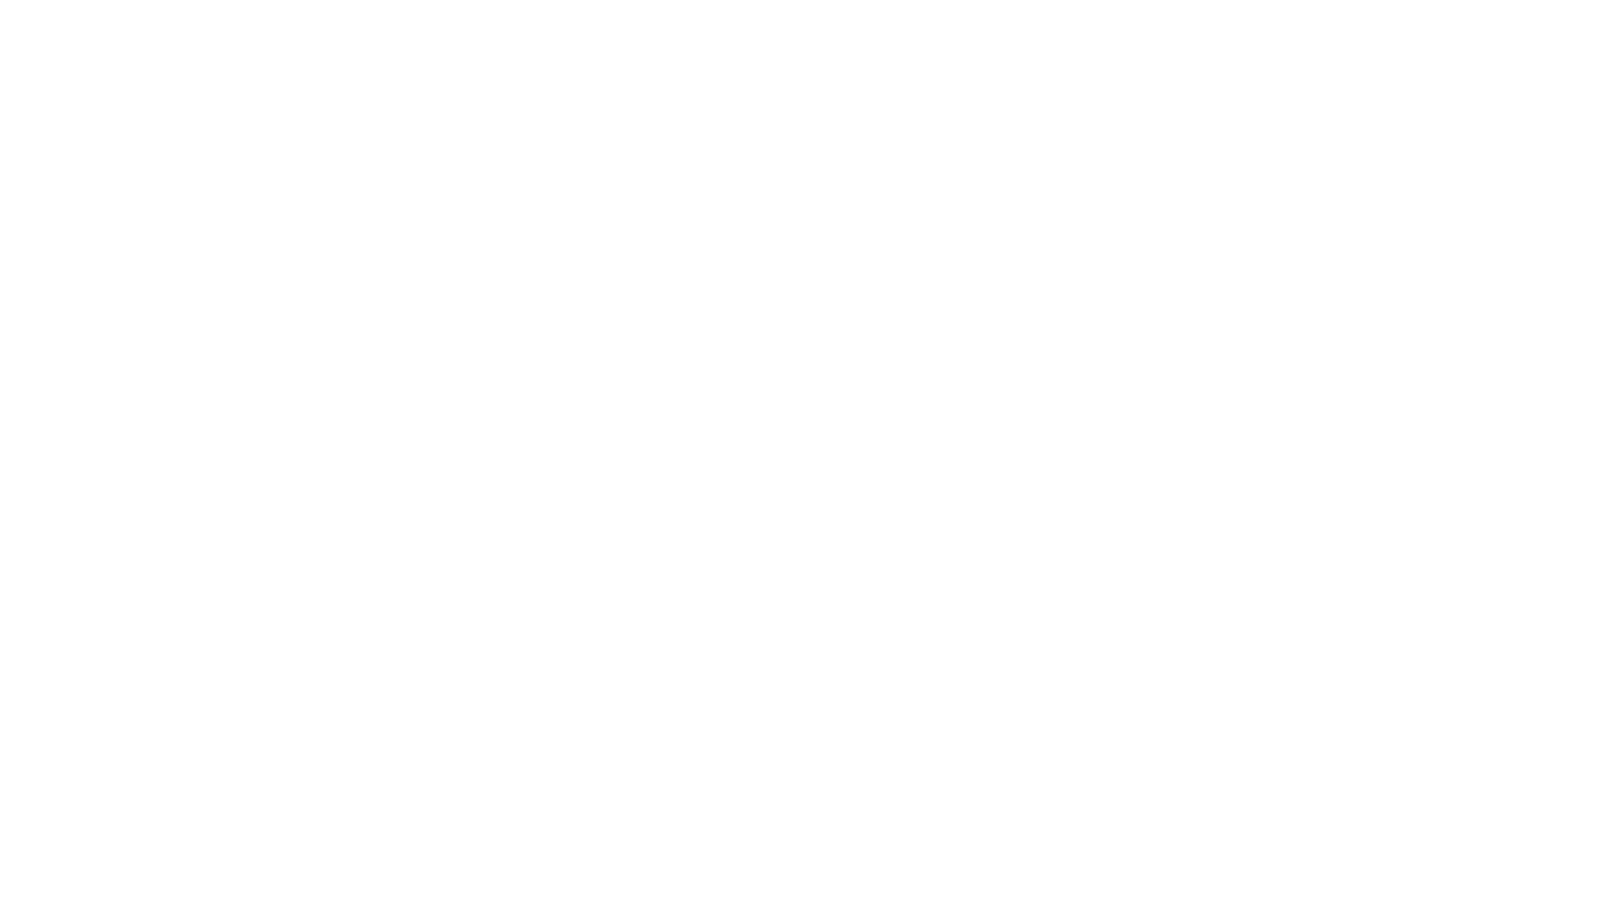 O criador agora pode disponibilizar para seu cliente um sistema para ajudá-lo a lembra-se de todos os aspectos para cuidar da saúde do seu pet, o SistemaPet PetCare! Assine agora o SistemaPet e ajude a promover mais saúde para seus animais e para seus clientes! www.sistemapet.com/criador